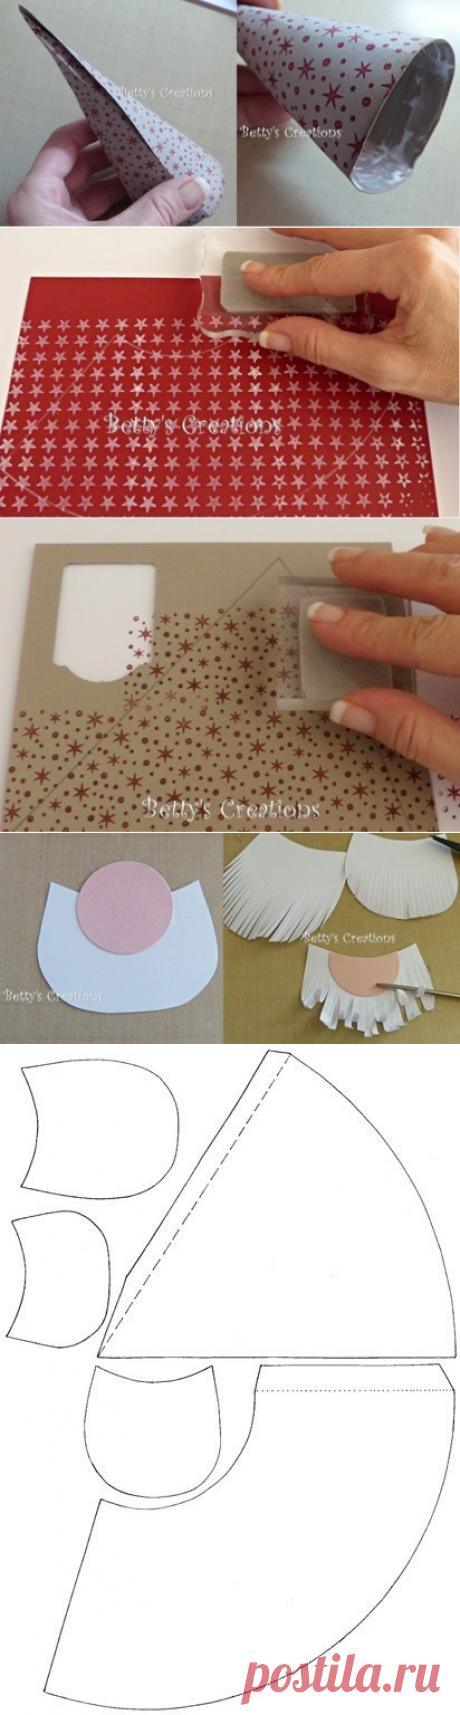 Новогодние гномики из бумаги